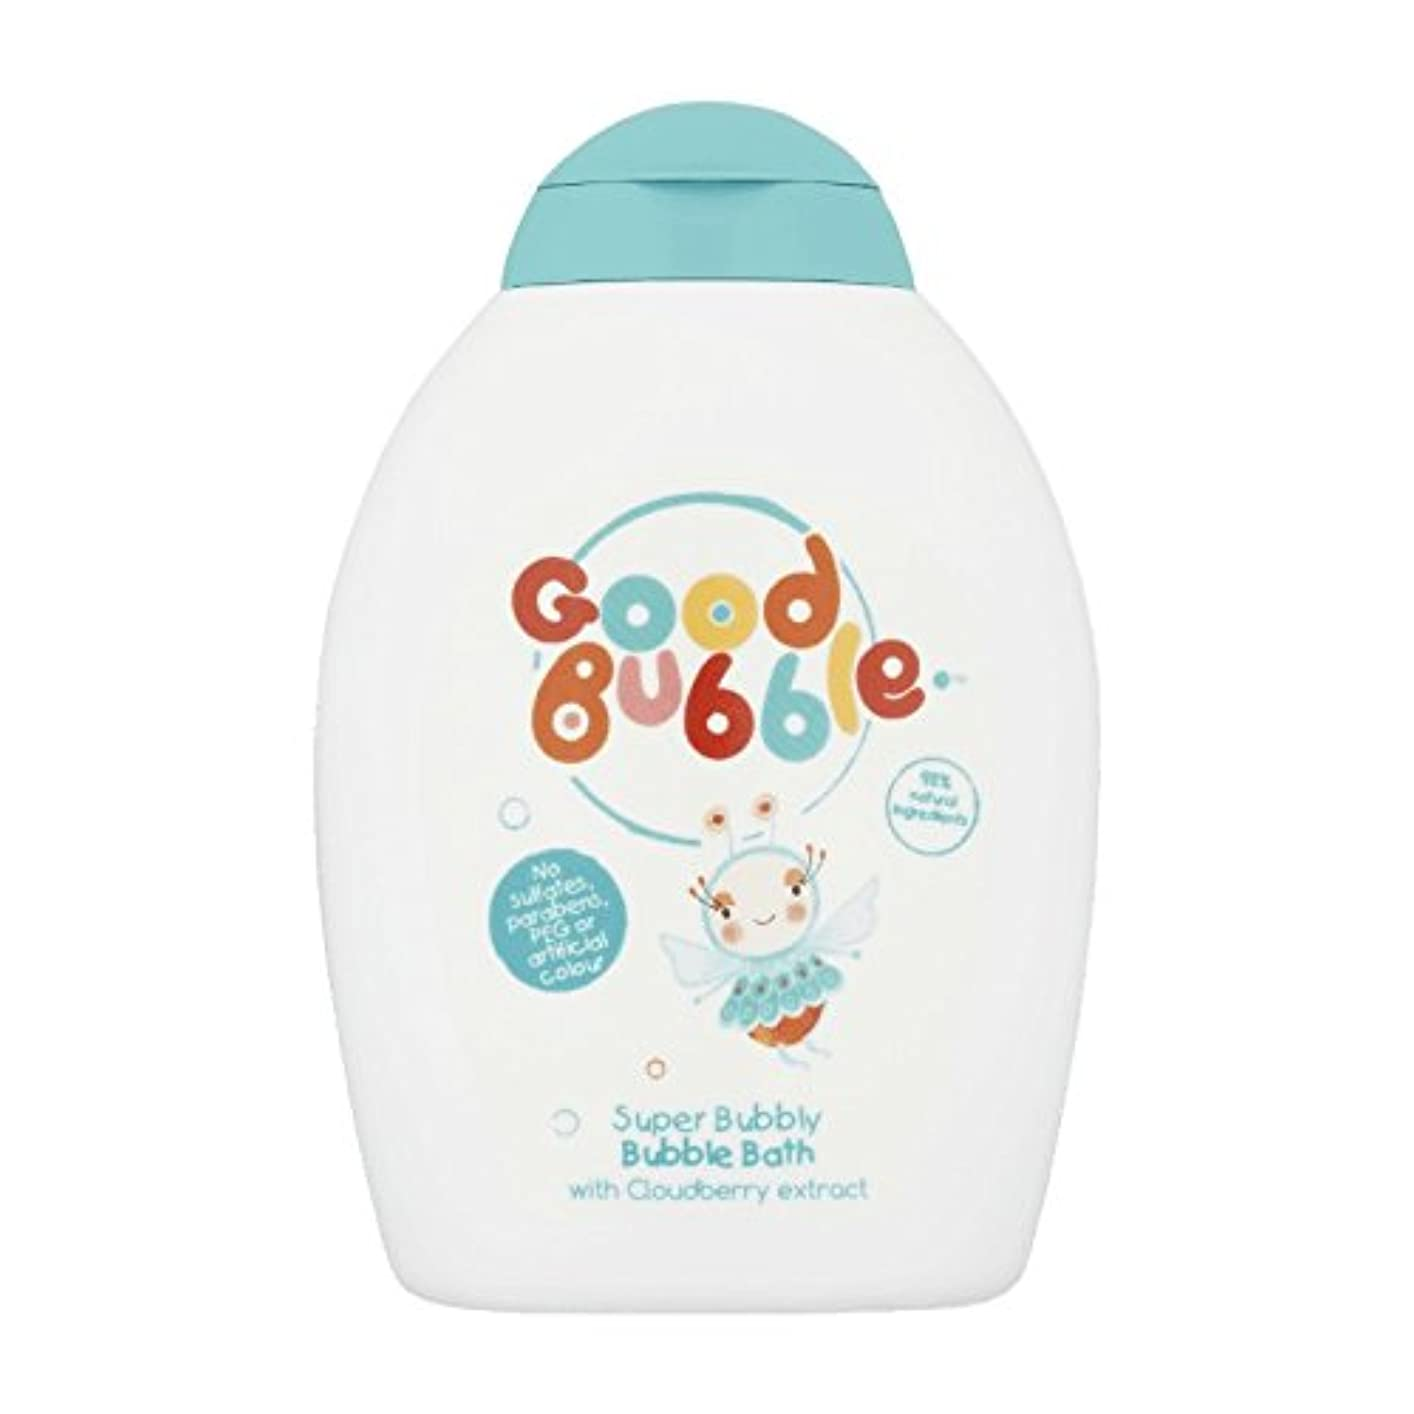 カフェ目的学習良いバブルクラウドベリーバブルバス400ミリリットル - Good Bubble Cloudberry Bubble Bath 400ml (Good Bubble) [並行輸入品]